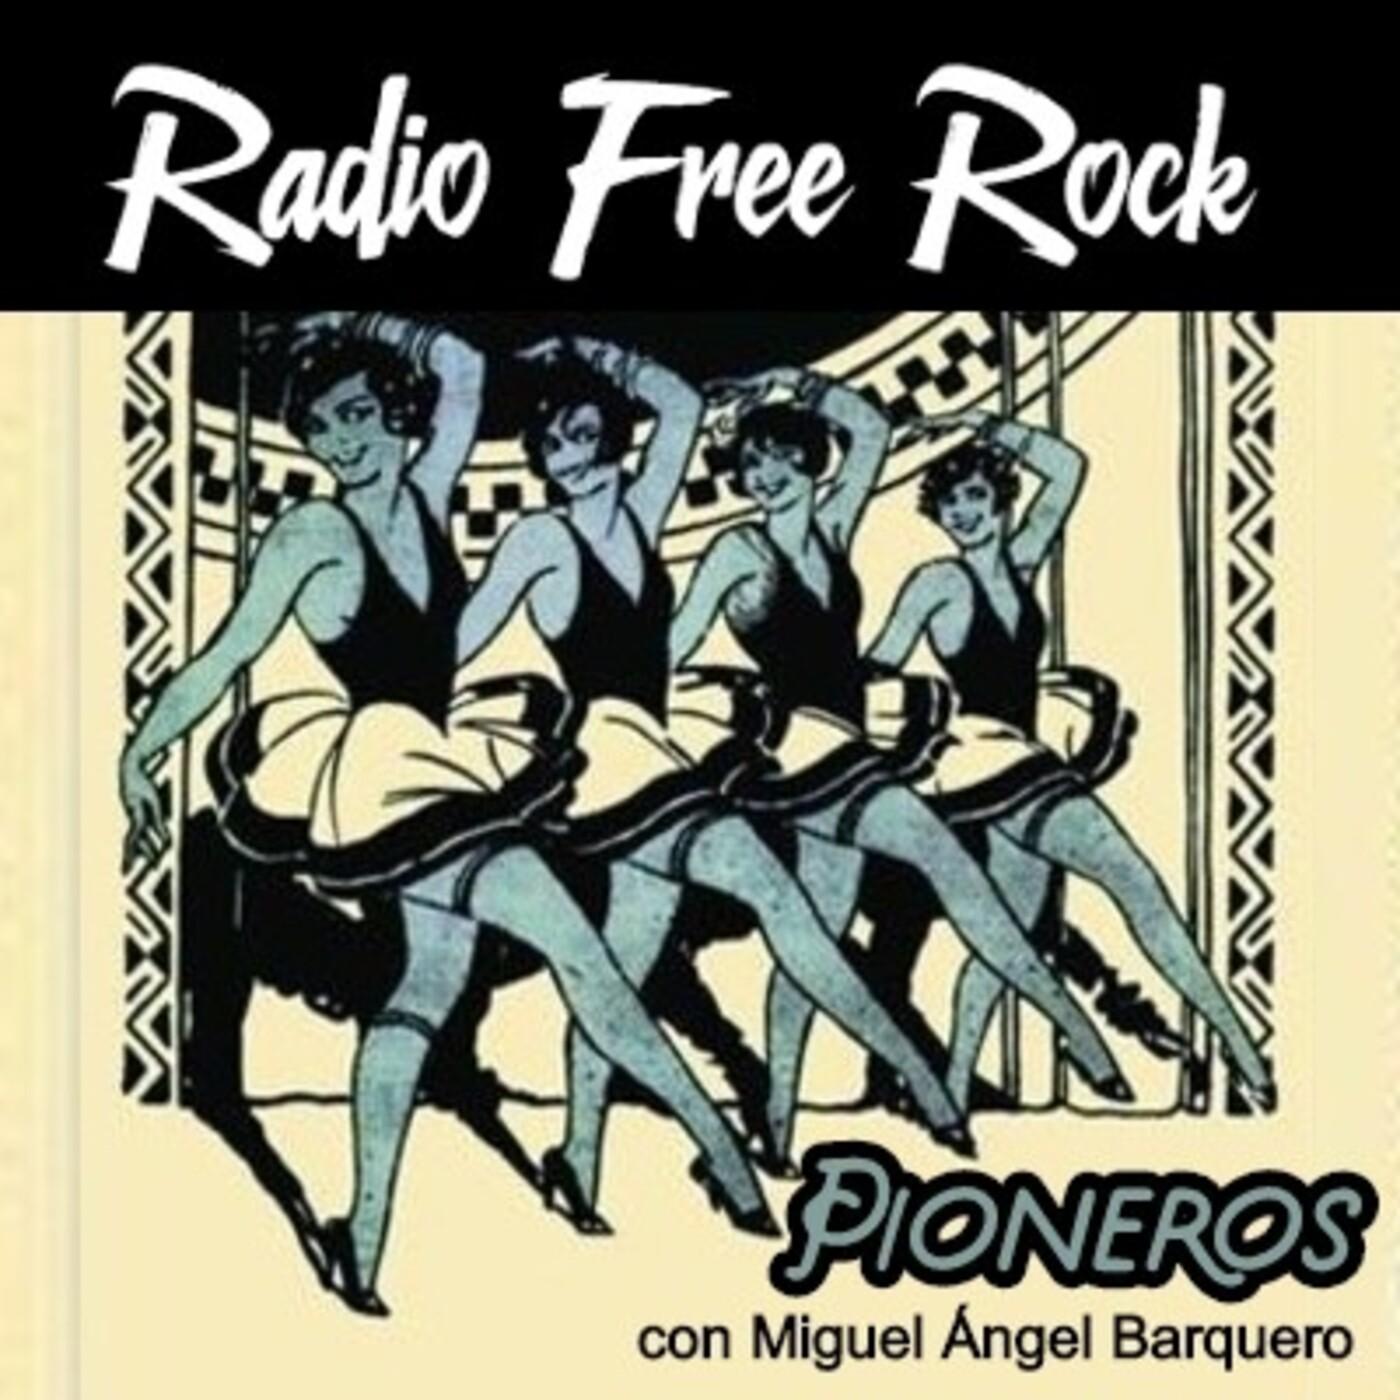 Radio Free Rock: Los Pioneros